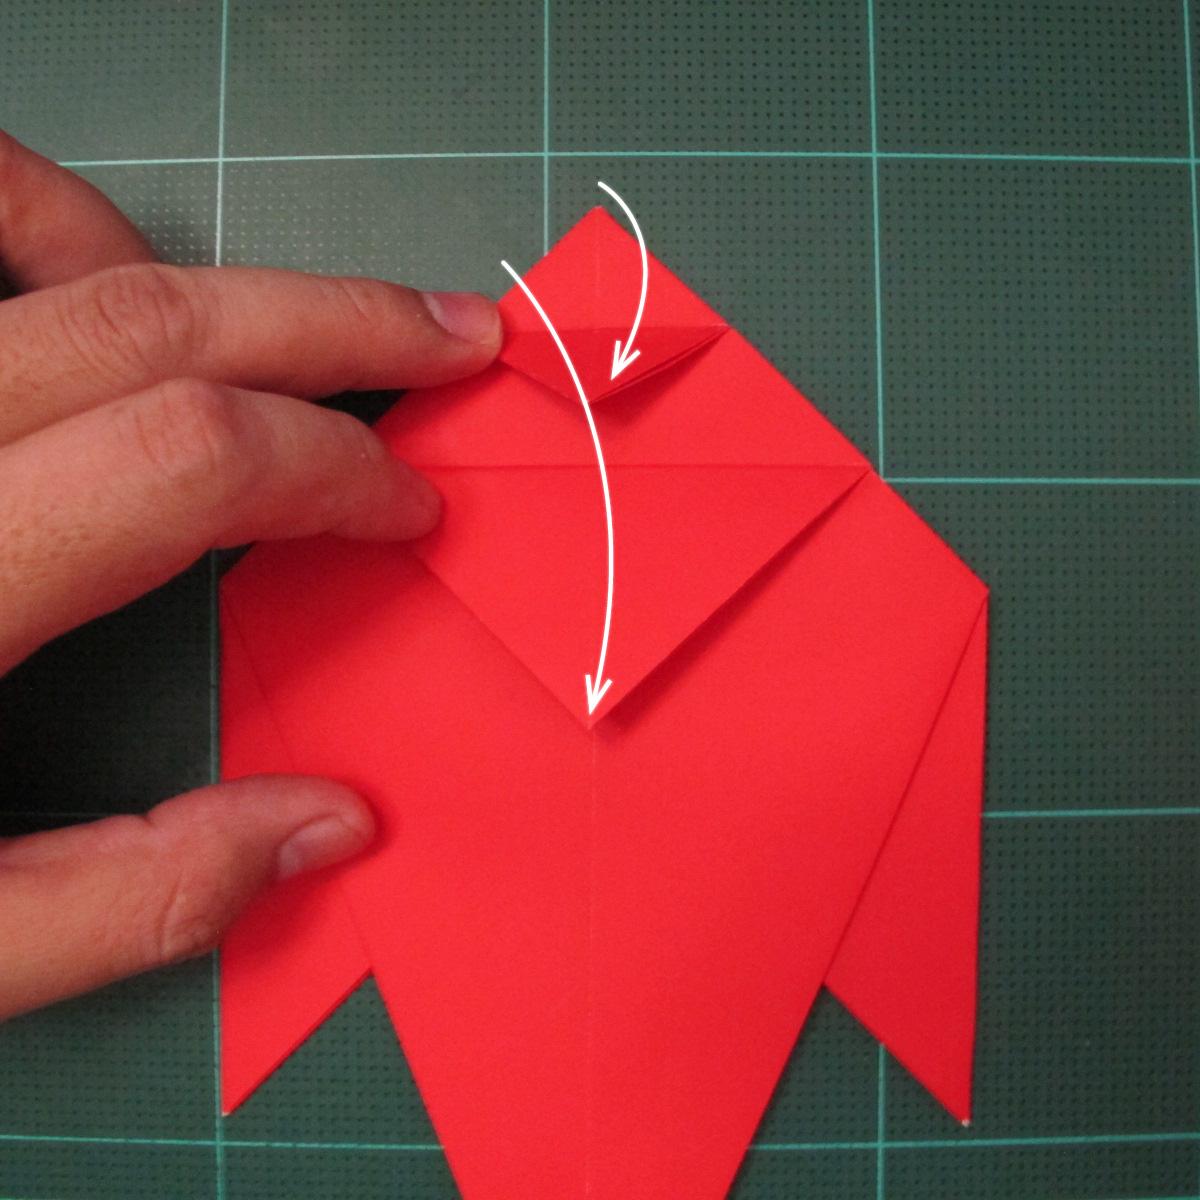 การพับกระดาษเป็นรูปสัตว์ประหลาดก็อตซิล่า (Origami Gozzila) 029